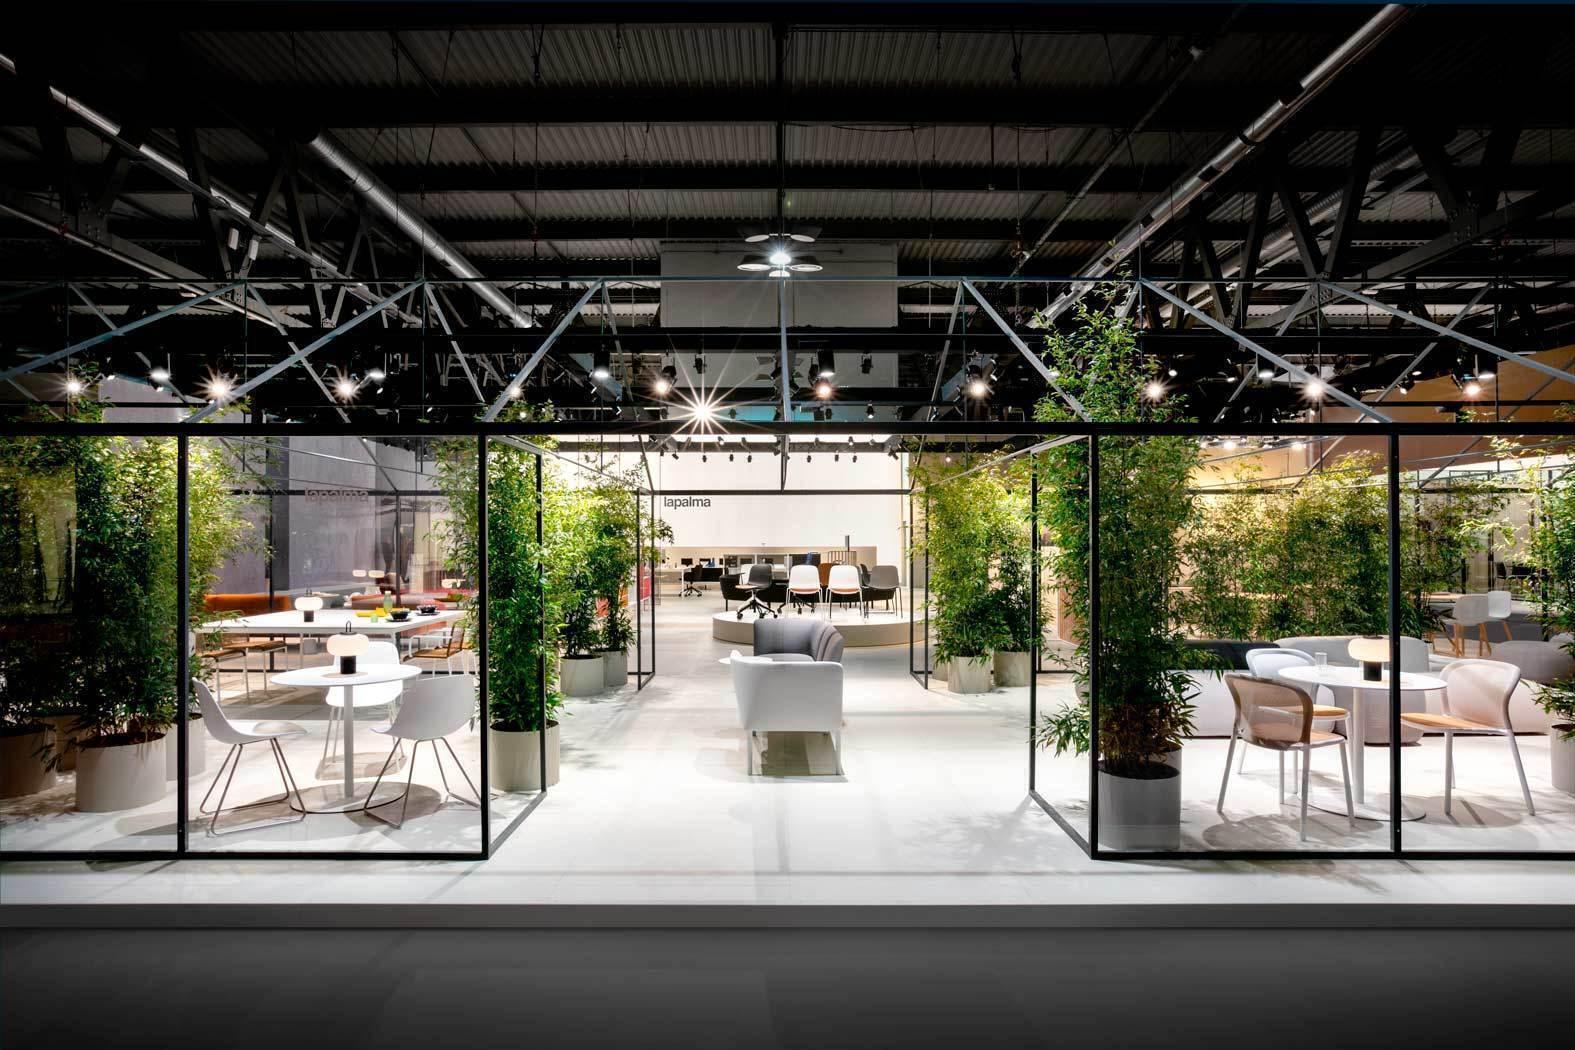 Salone del Mobile Milano 2019, News - Lapalma